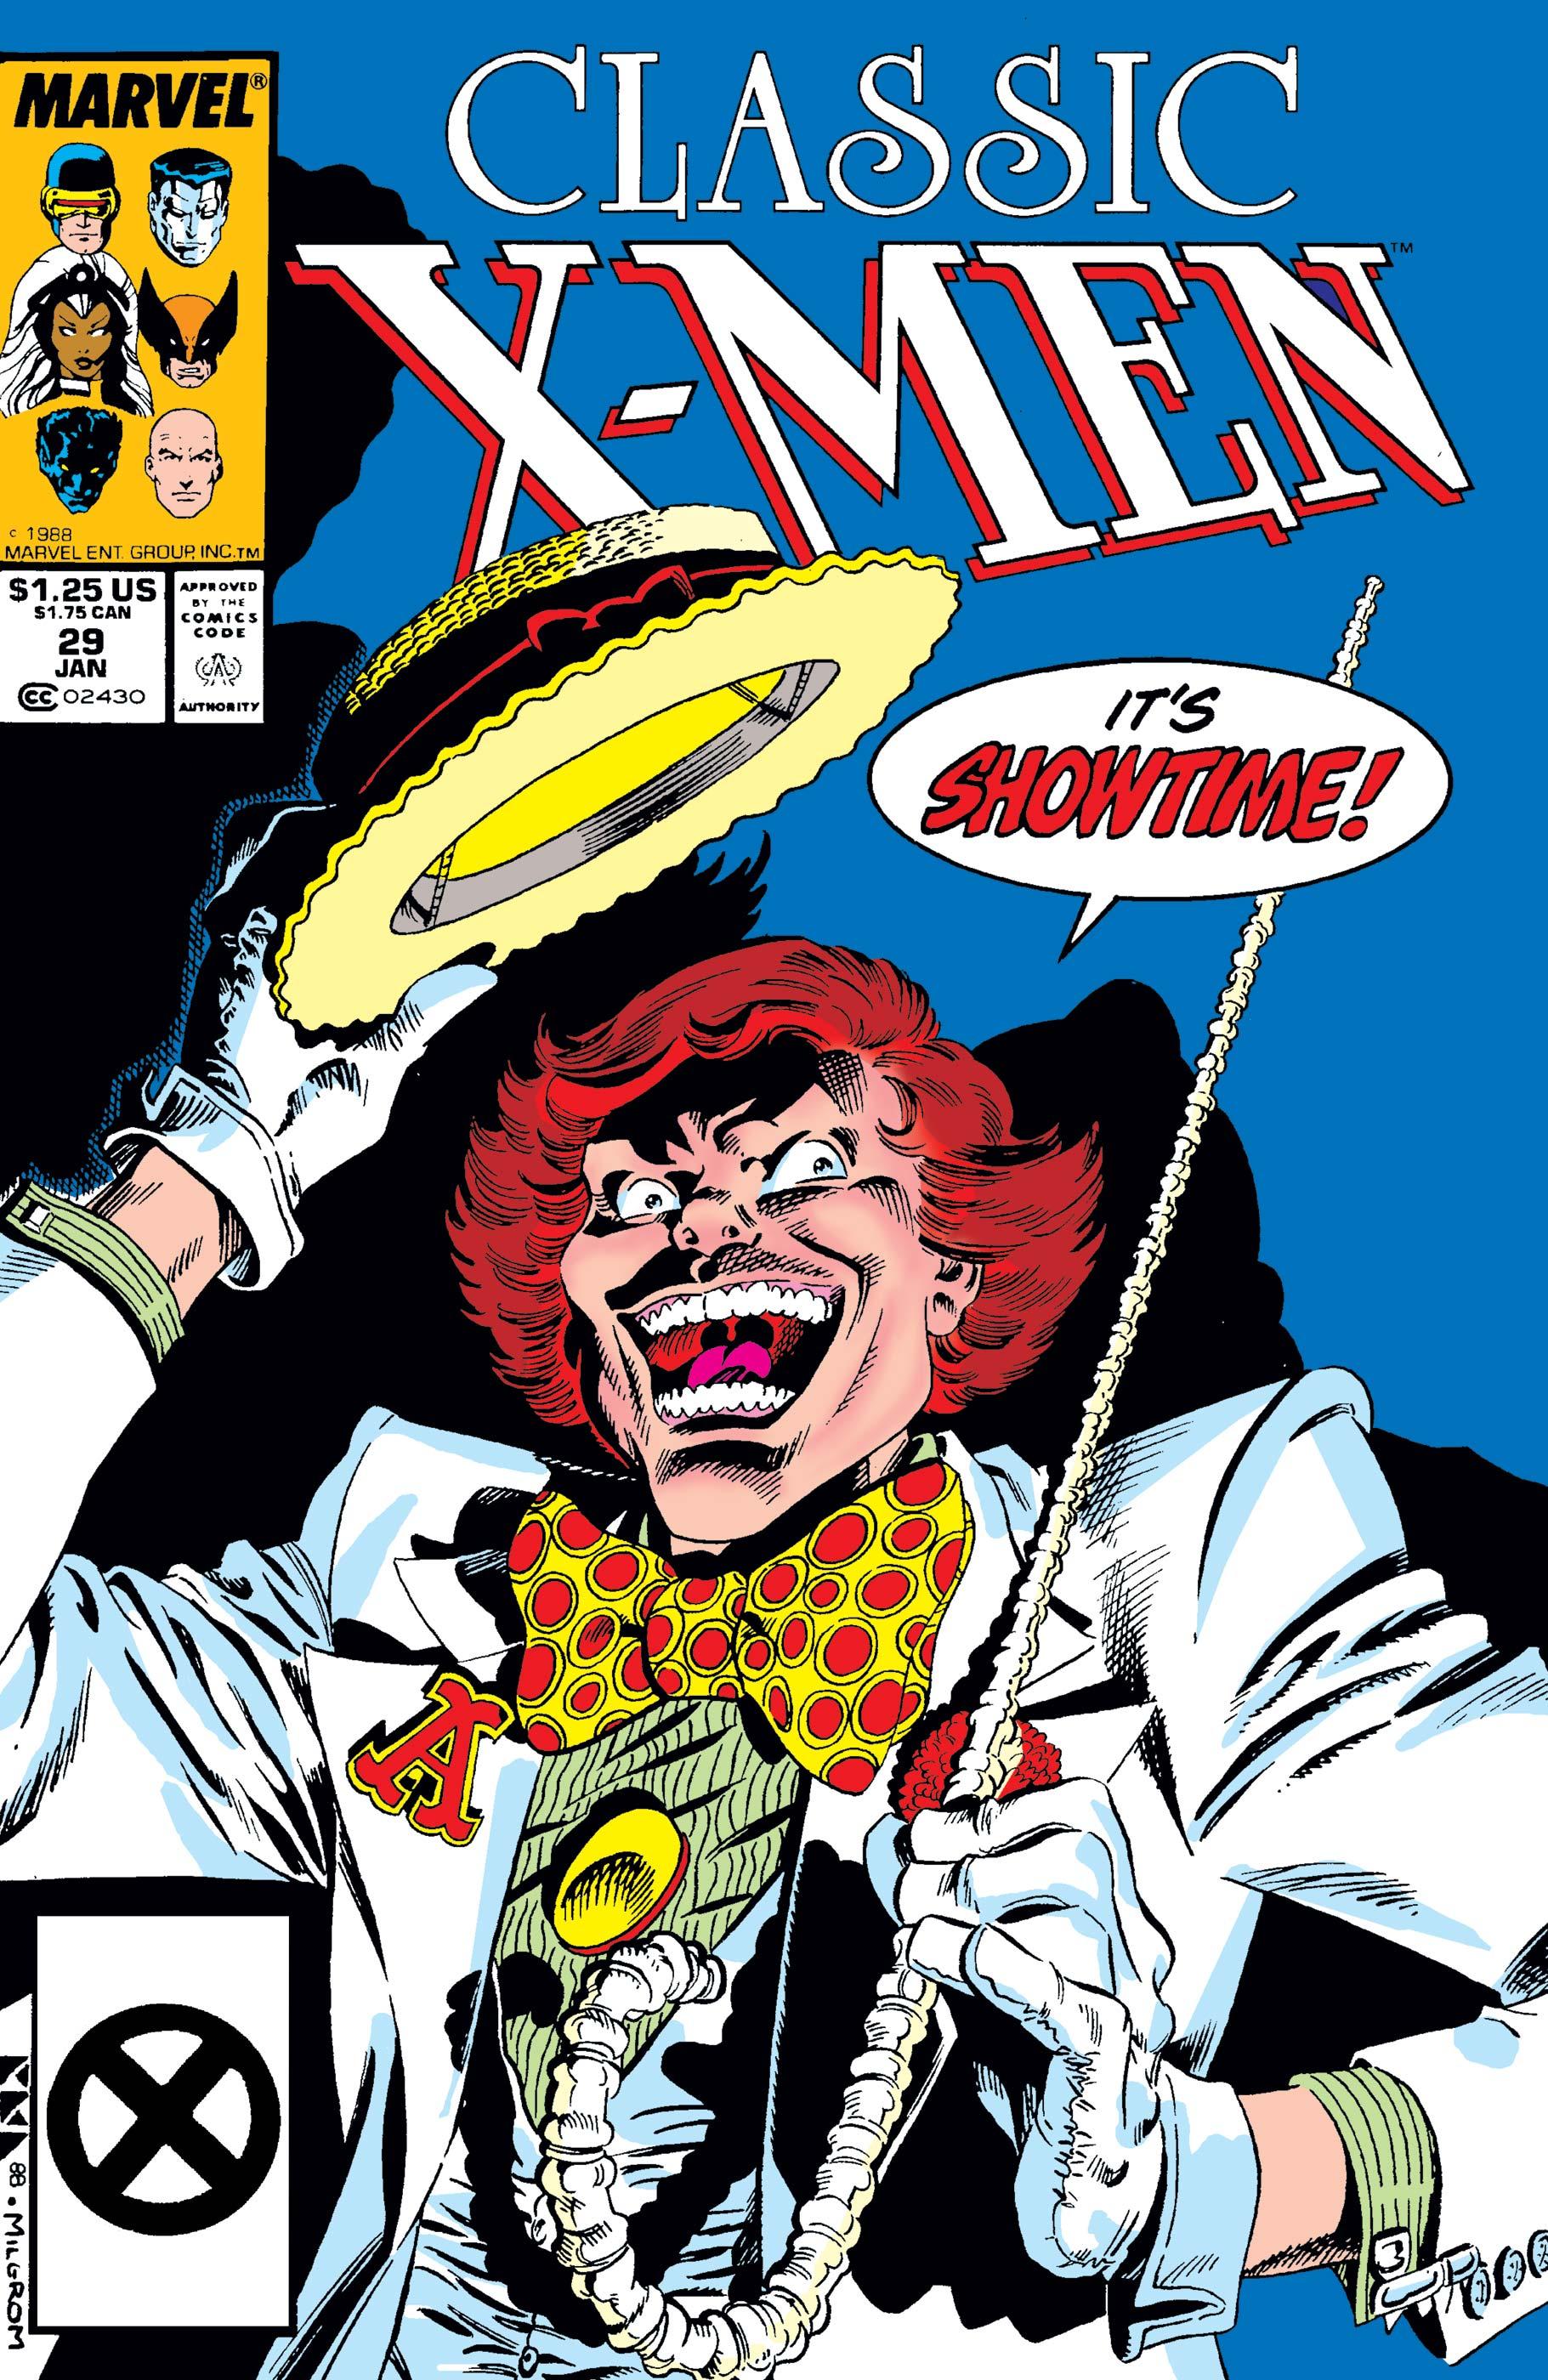 Classic X-Men (1986) #29